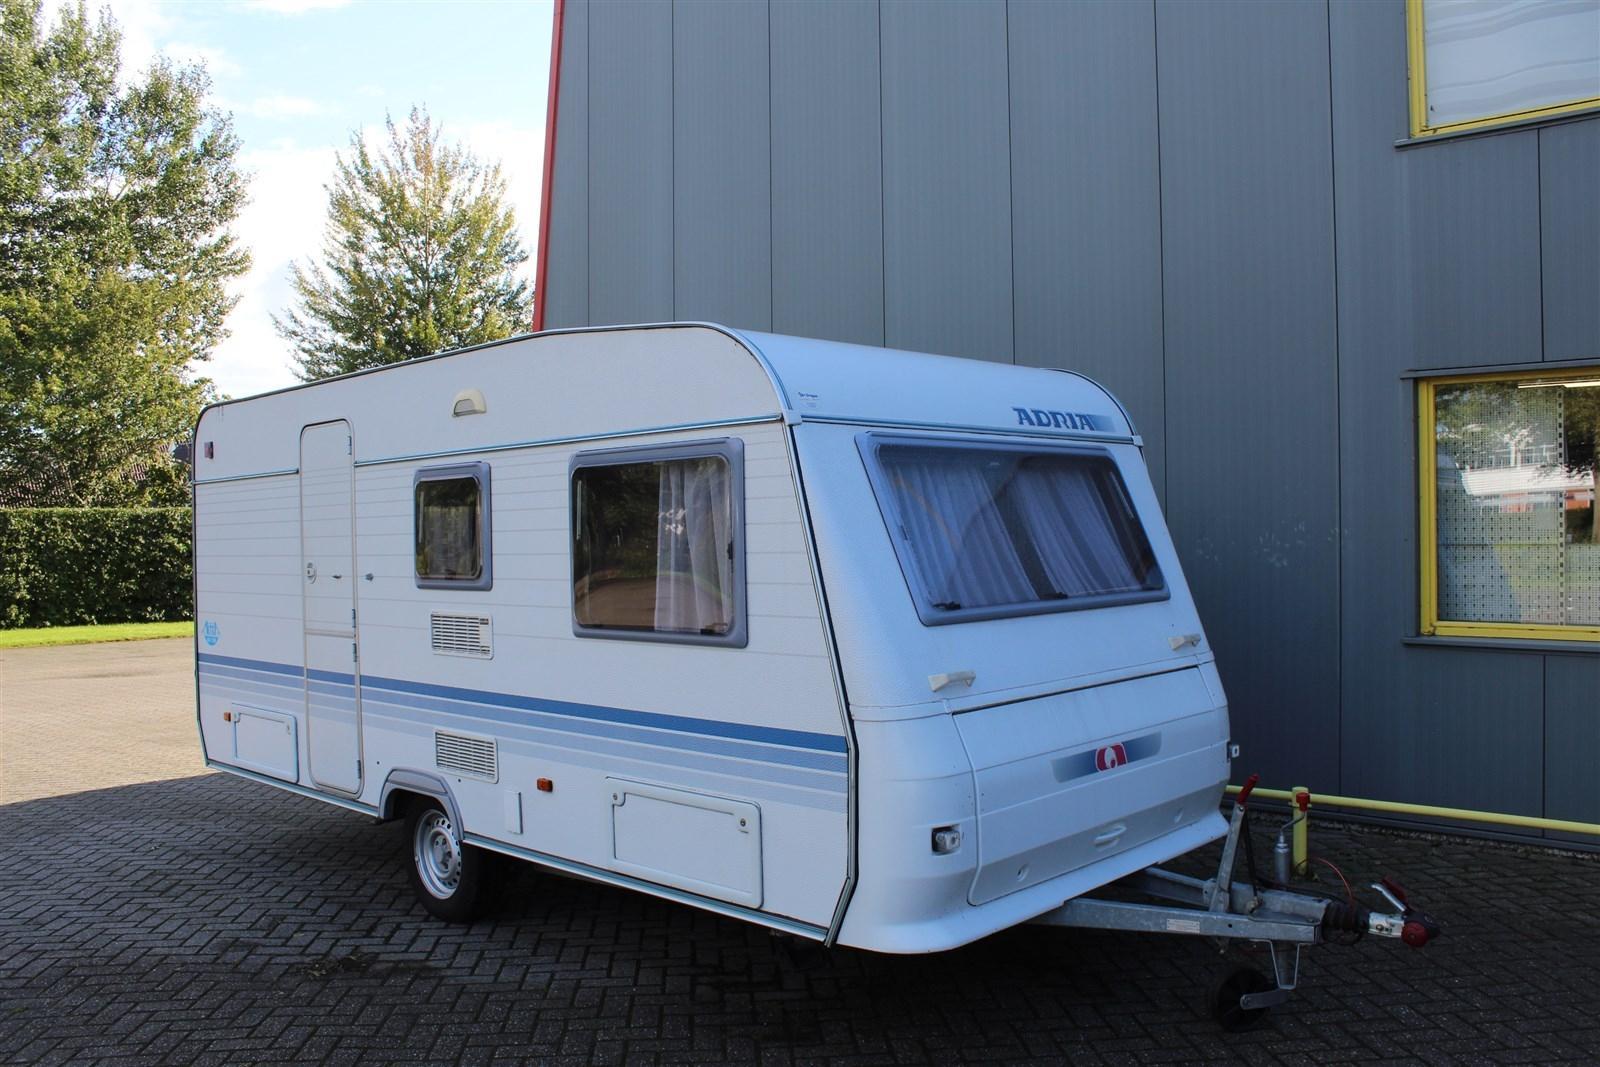 Knaus Caravan Met Stapelbed.Uw Partner In Verkoop En Onderhoud Van Uw Caravan Vouwwagen